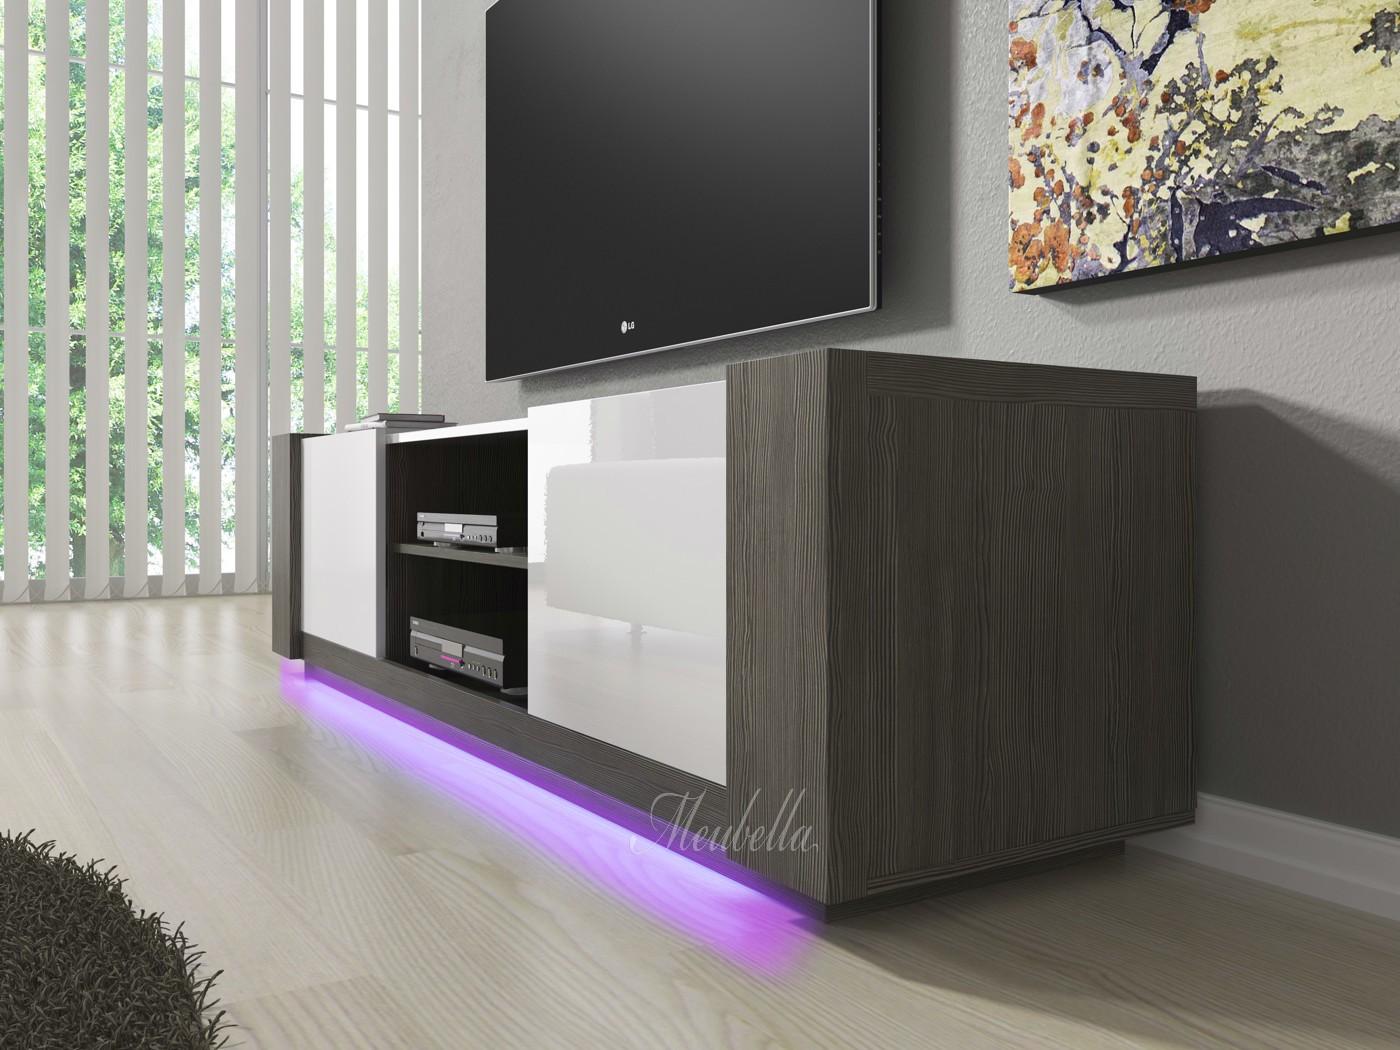 TV-Meubel Arulo met LED - Grijs eiken - Wit - 160 cm  Meubella